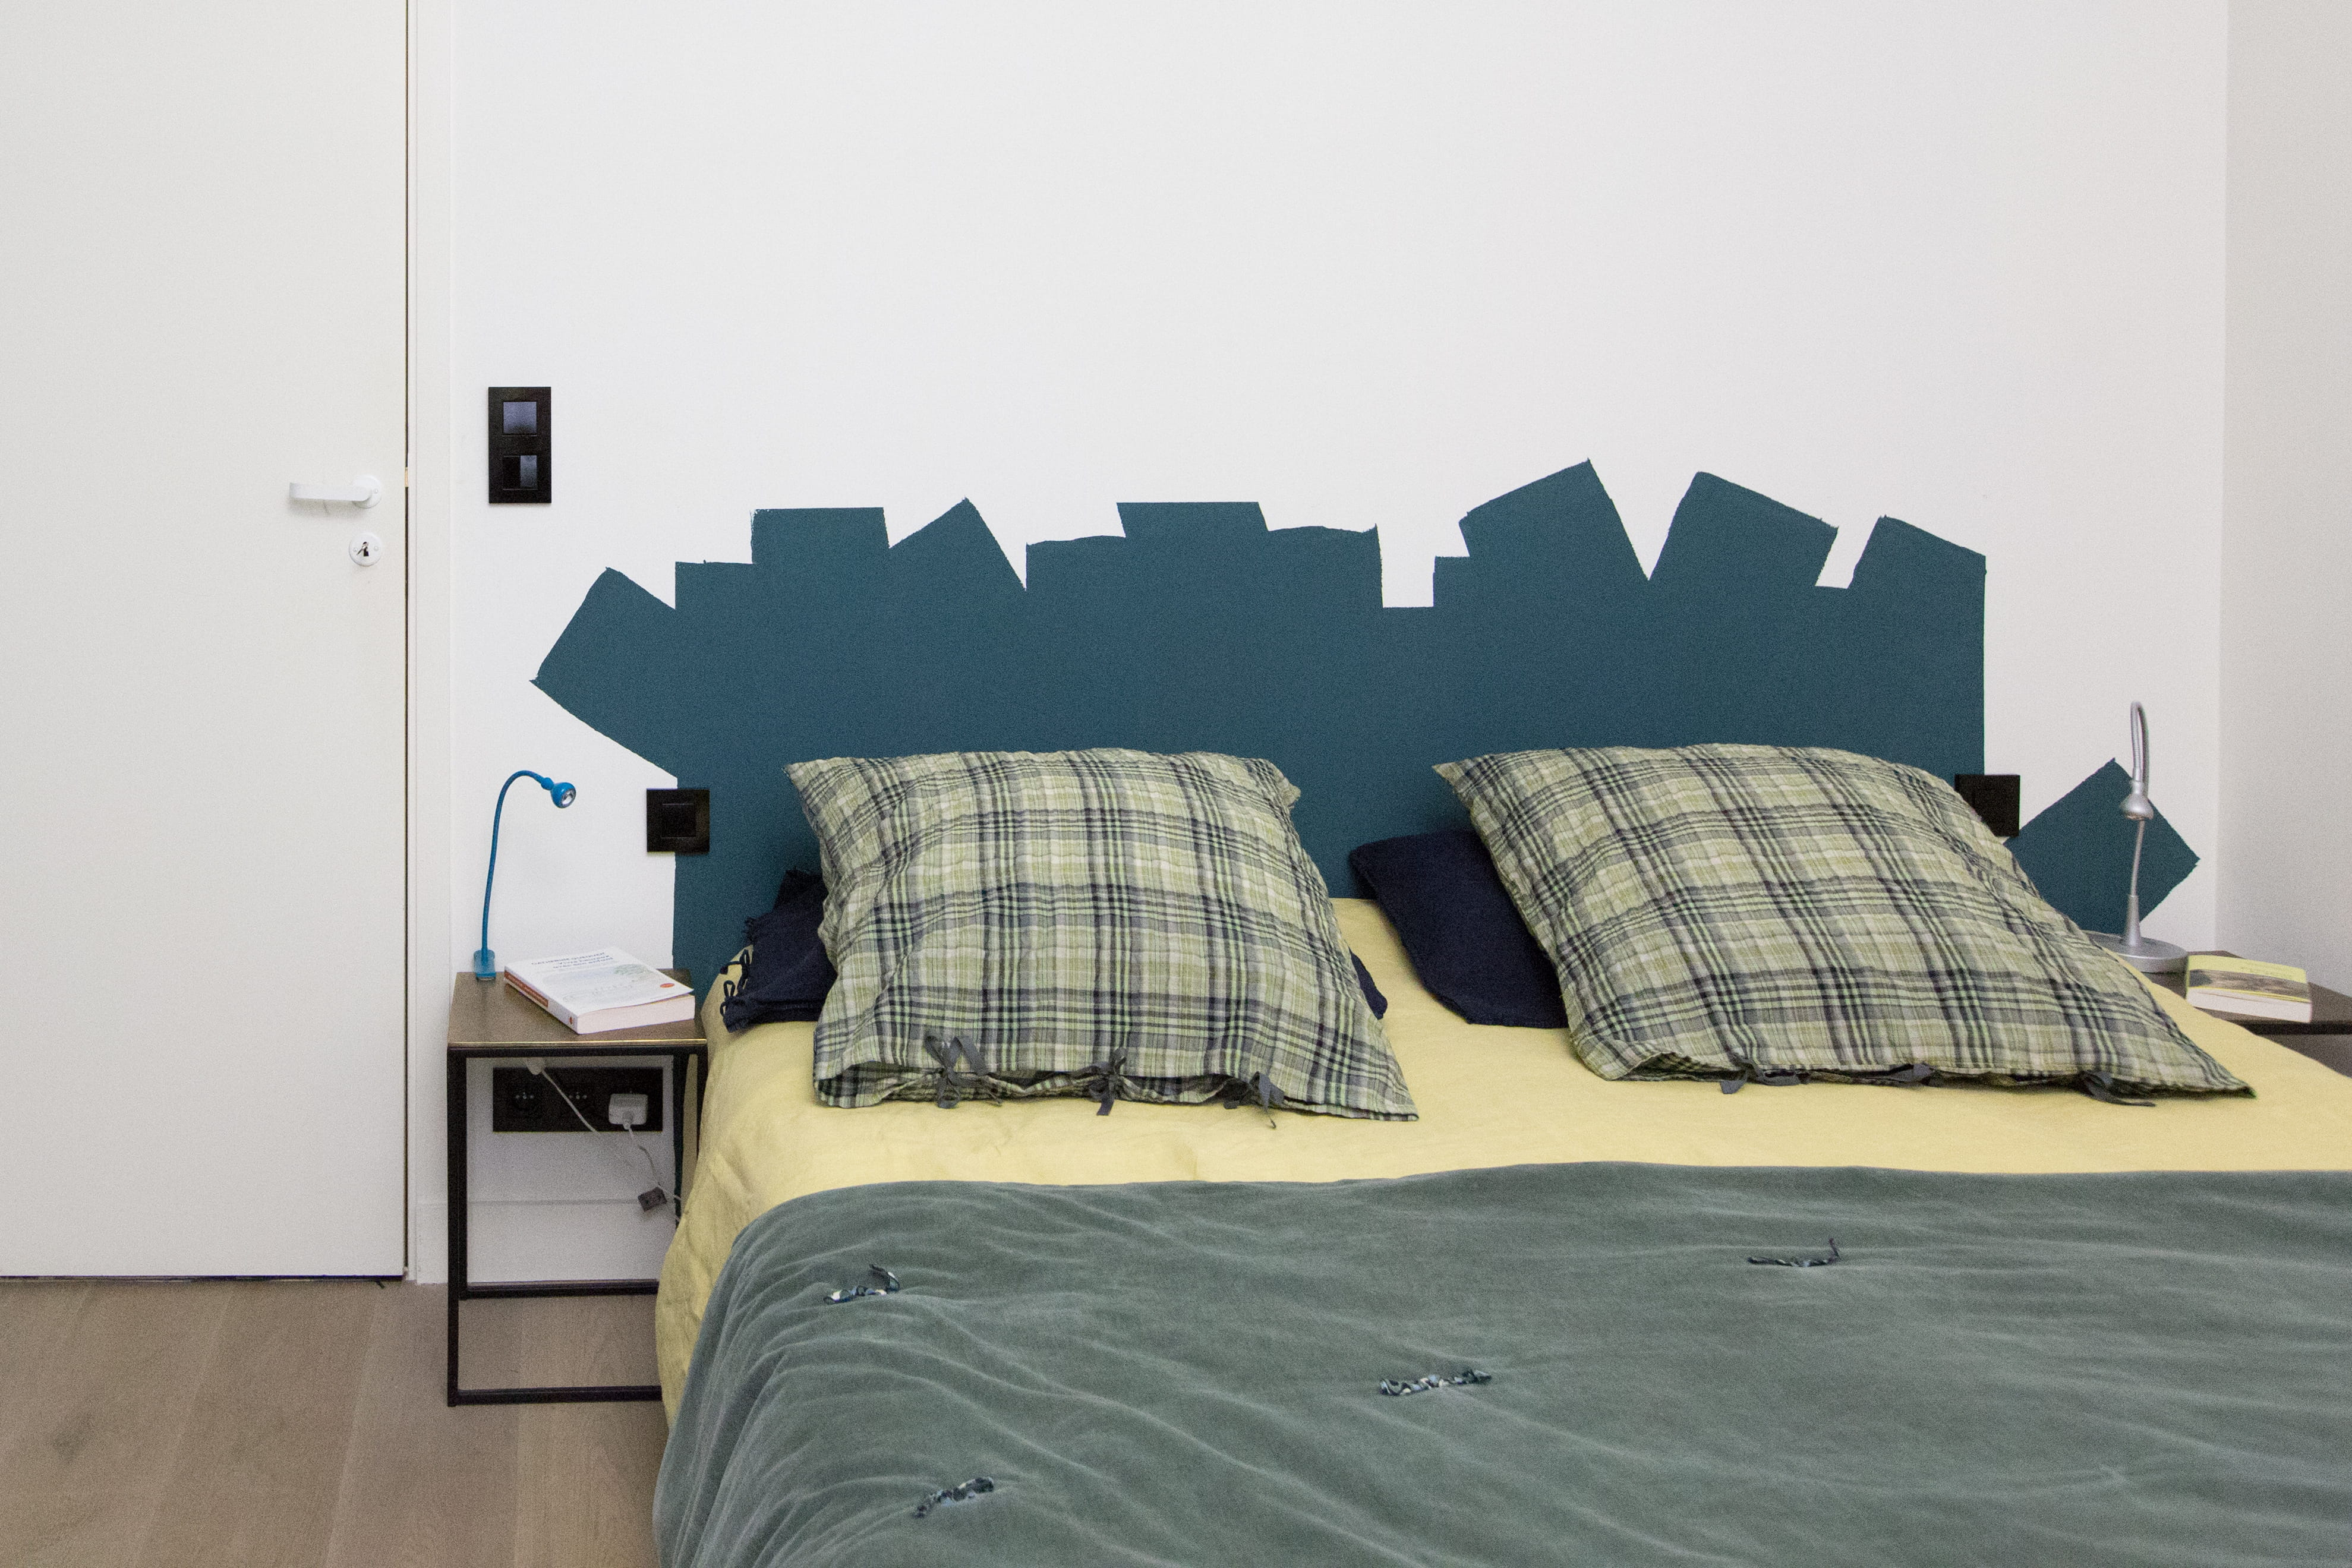 Comment faire une t te de lit en peinture journal des femmes - Peindre une tete de lit ...